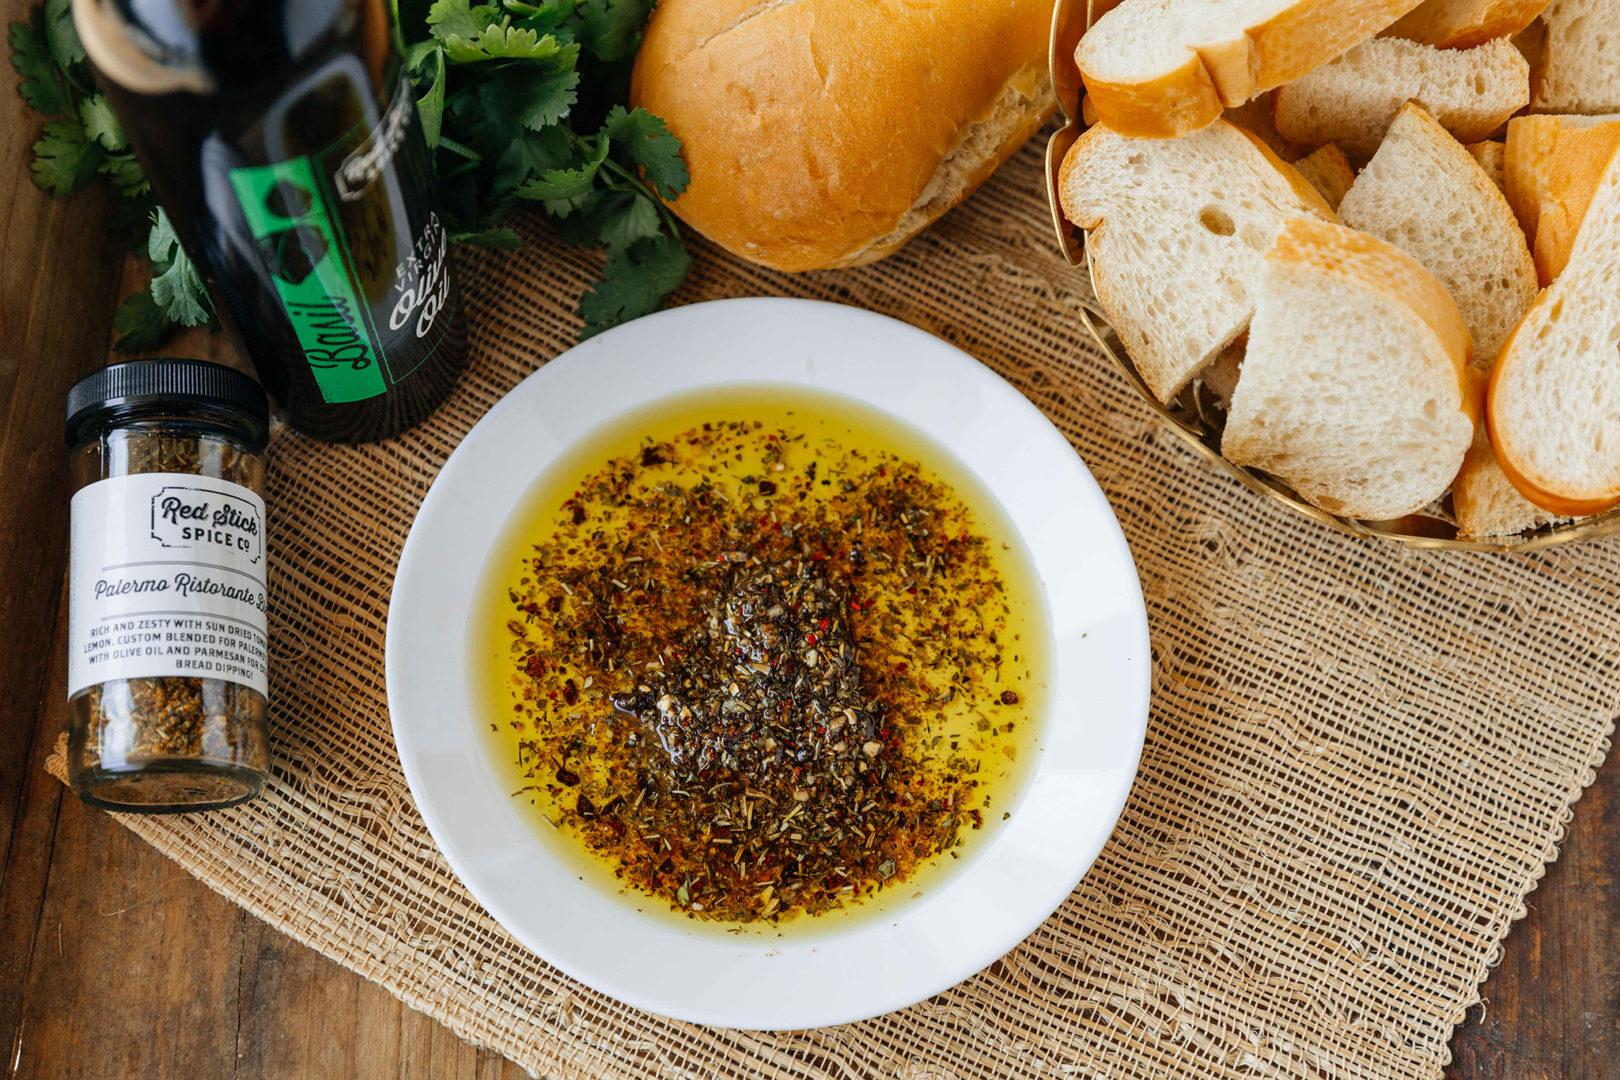 palermo olive oil bread dipper